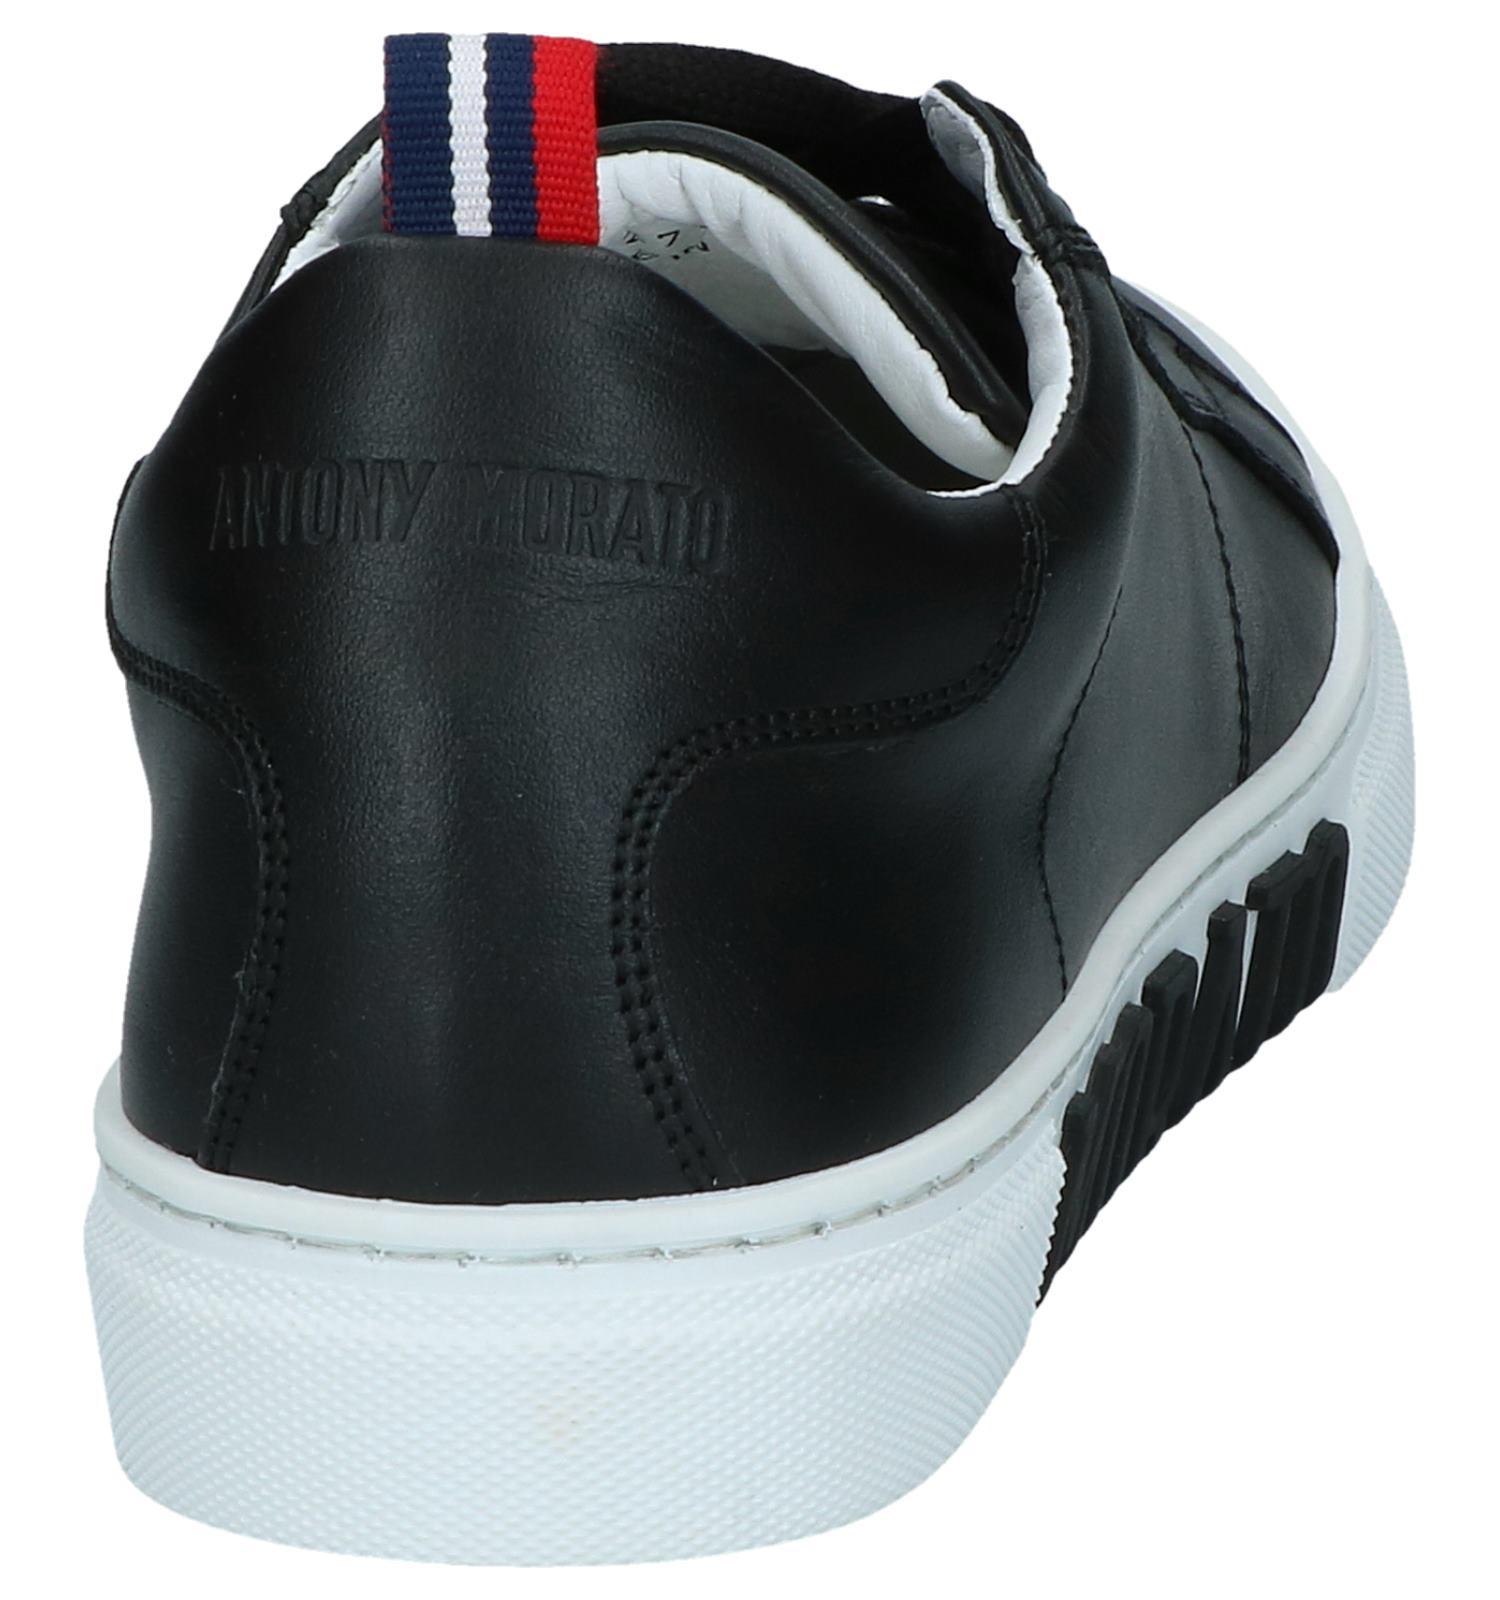 Antony Morato Chaussures basses en Noir | TORFS.BE